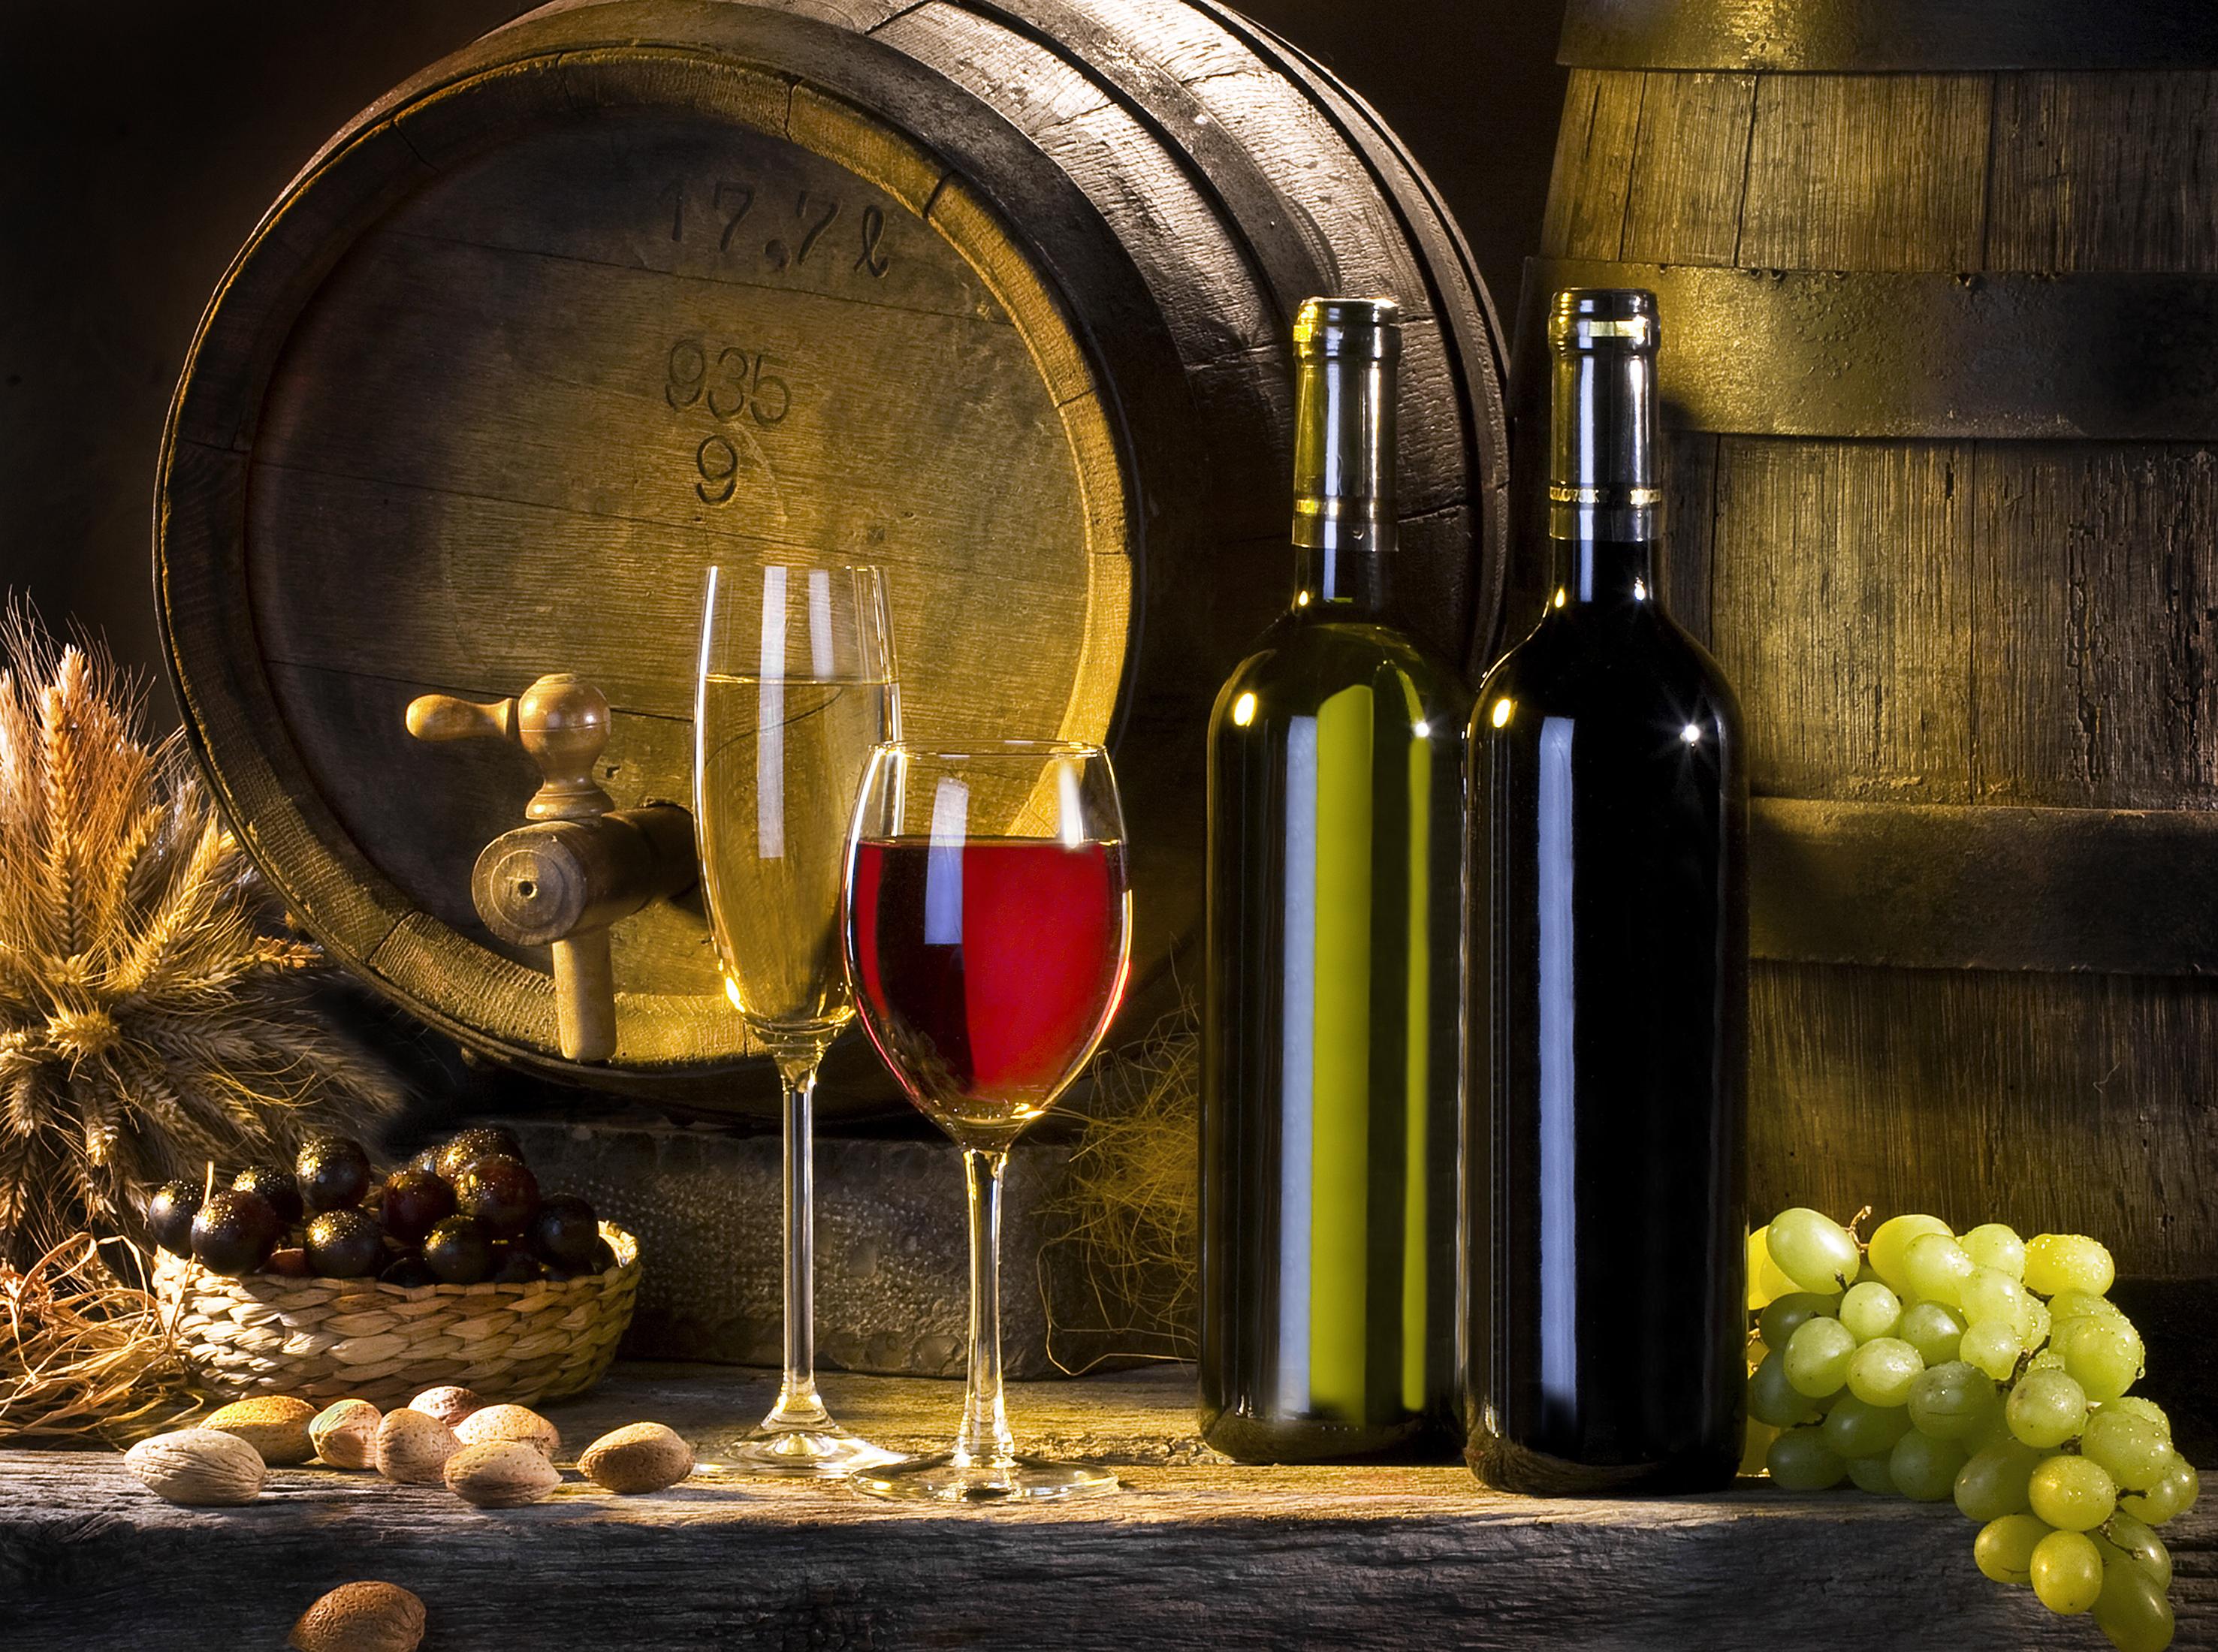 Аваков коллекционирует вино